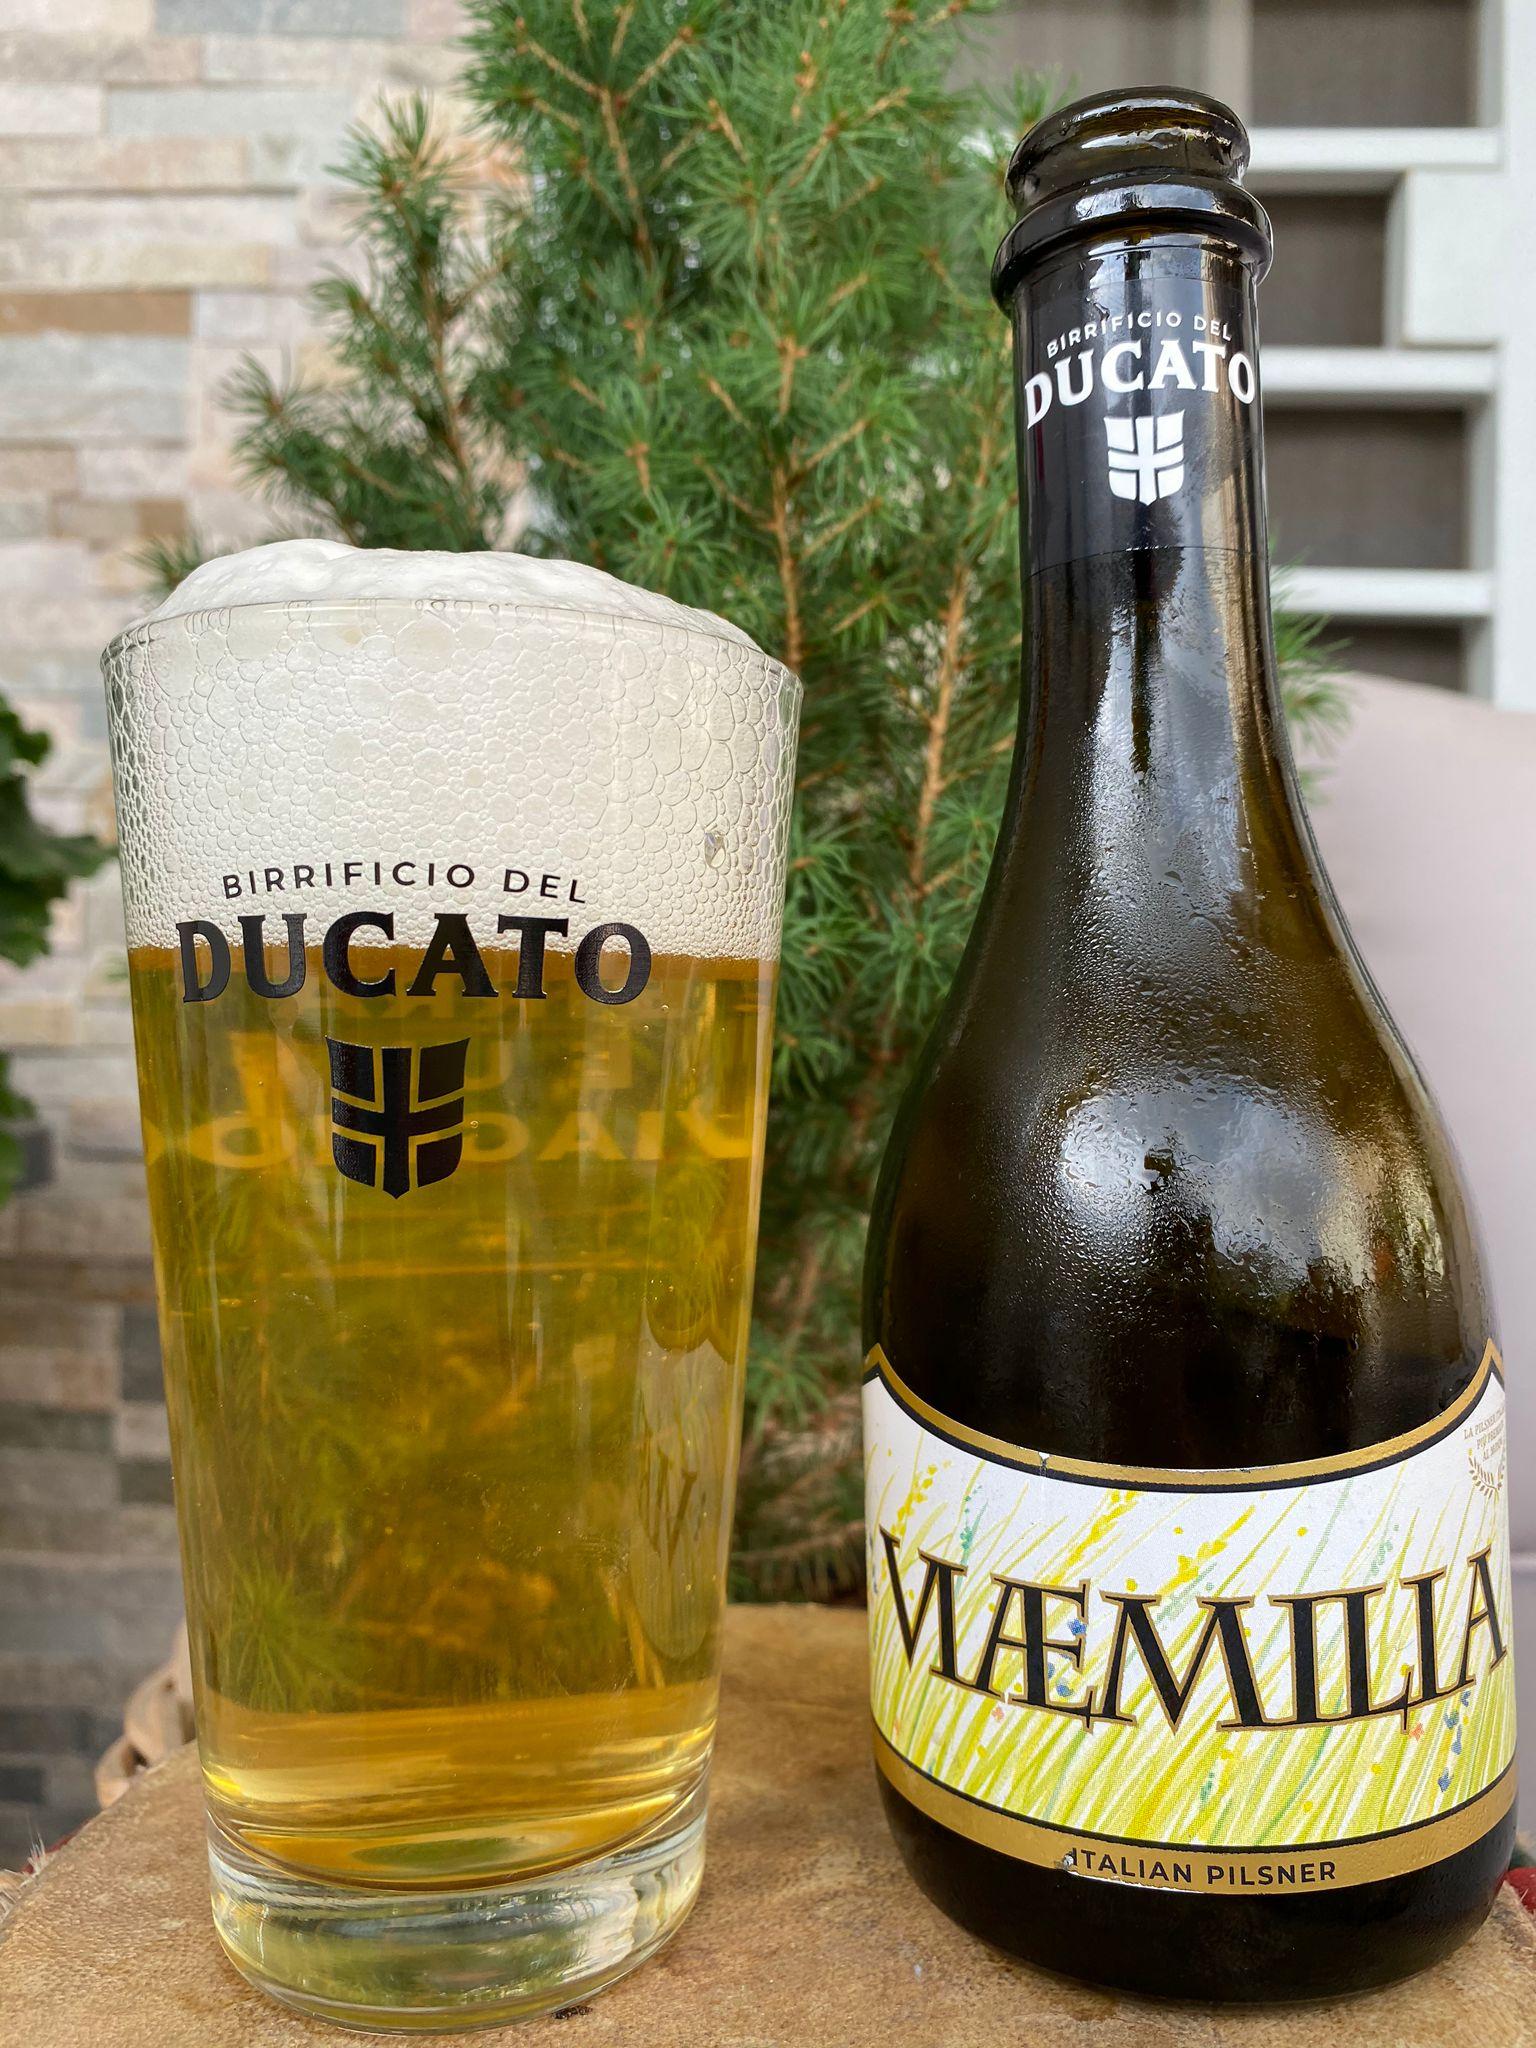 birra viaemilia